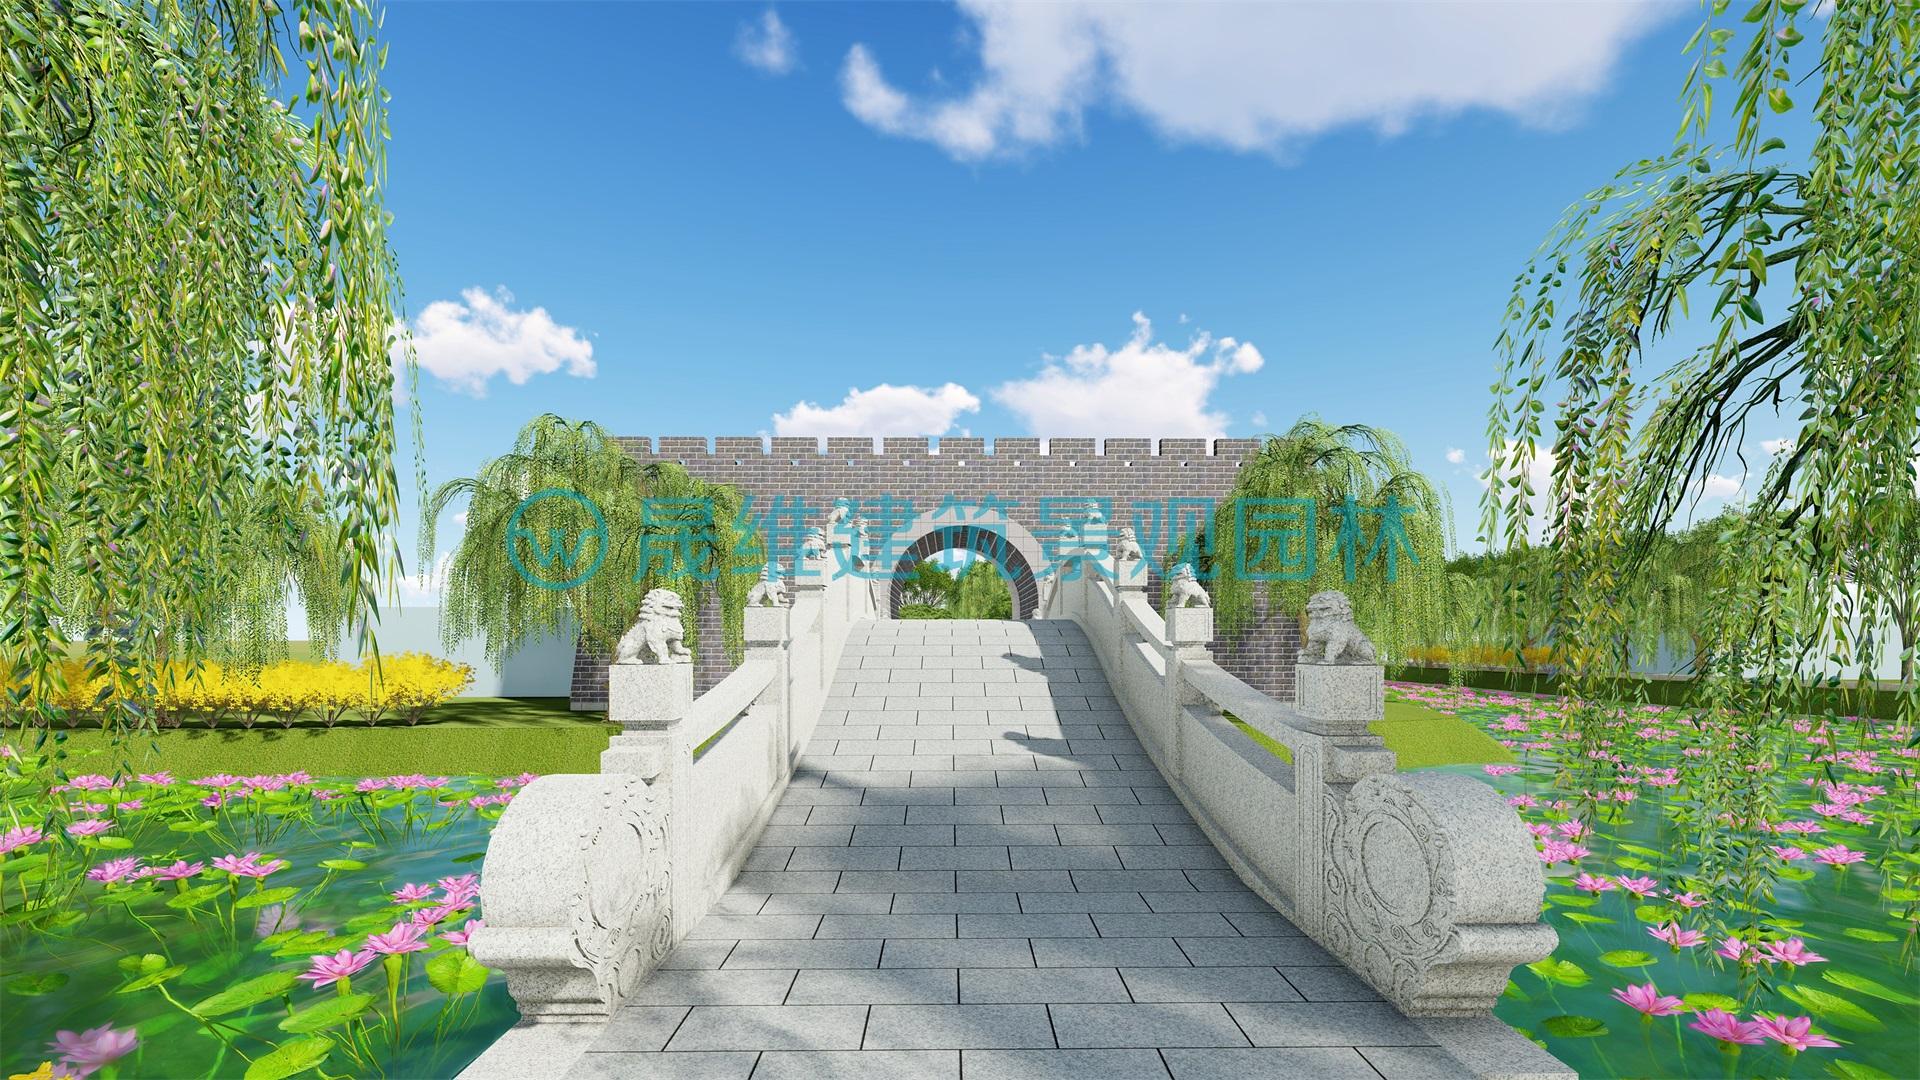 鱼台县罗屯镇党群服务中心广场景观设计